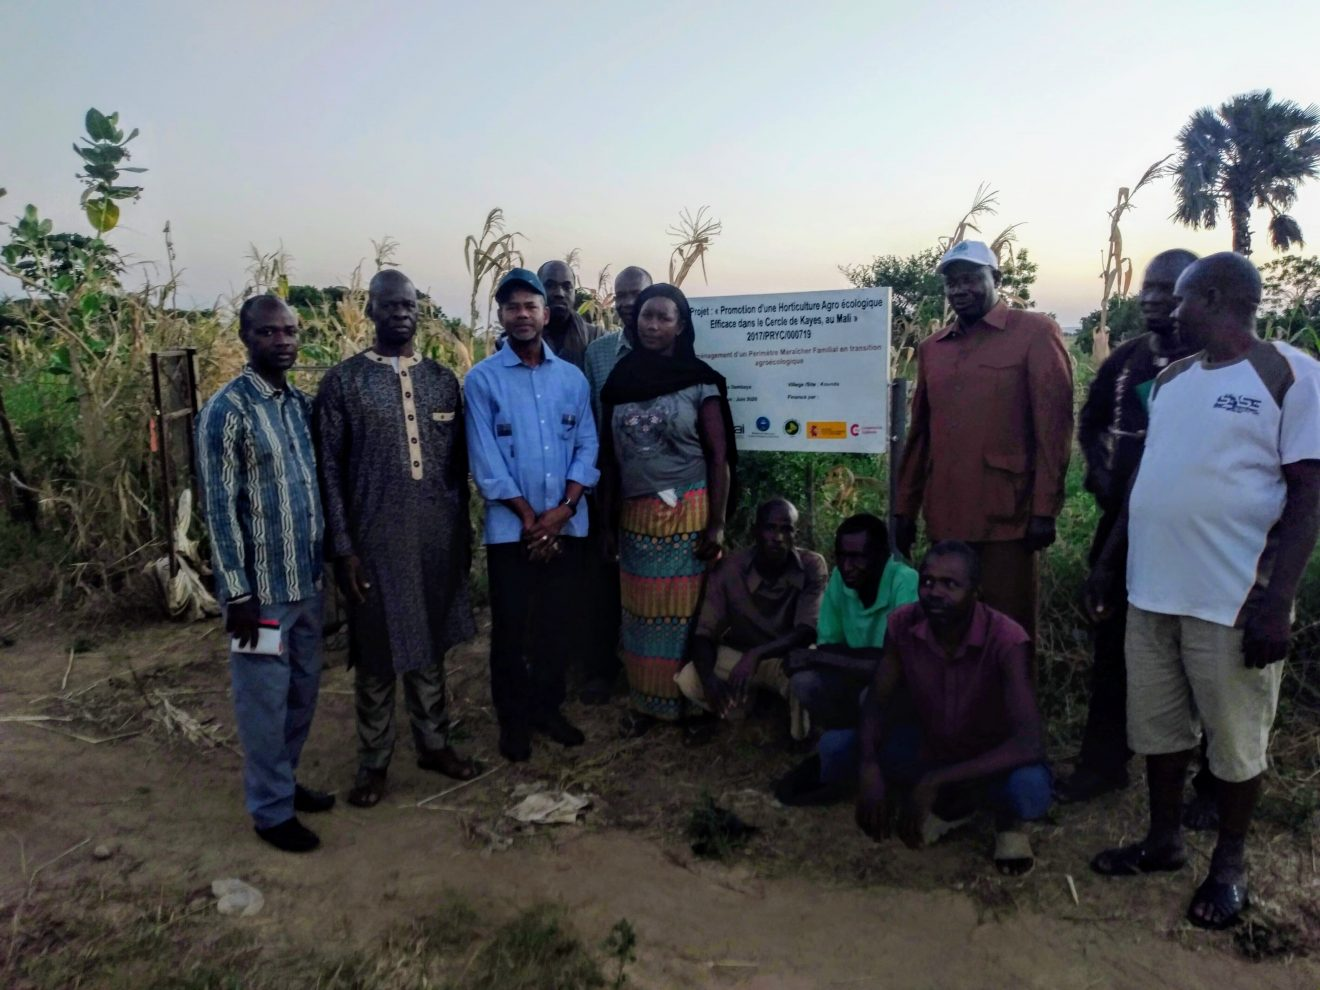 Visita institucional de la Dirección Nacional de Ingeniería Rural de Mali a los proyectos de CERAI